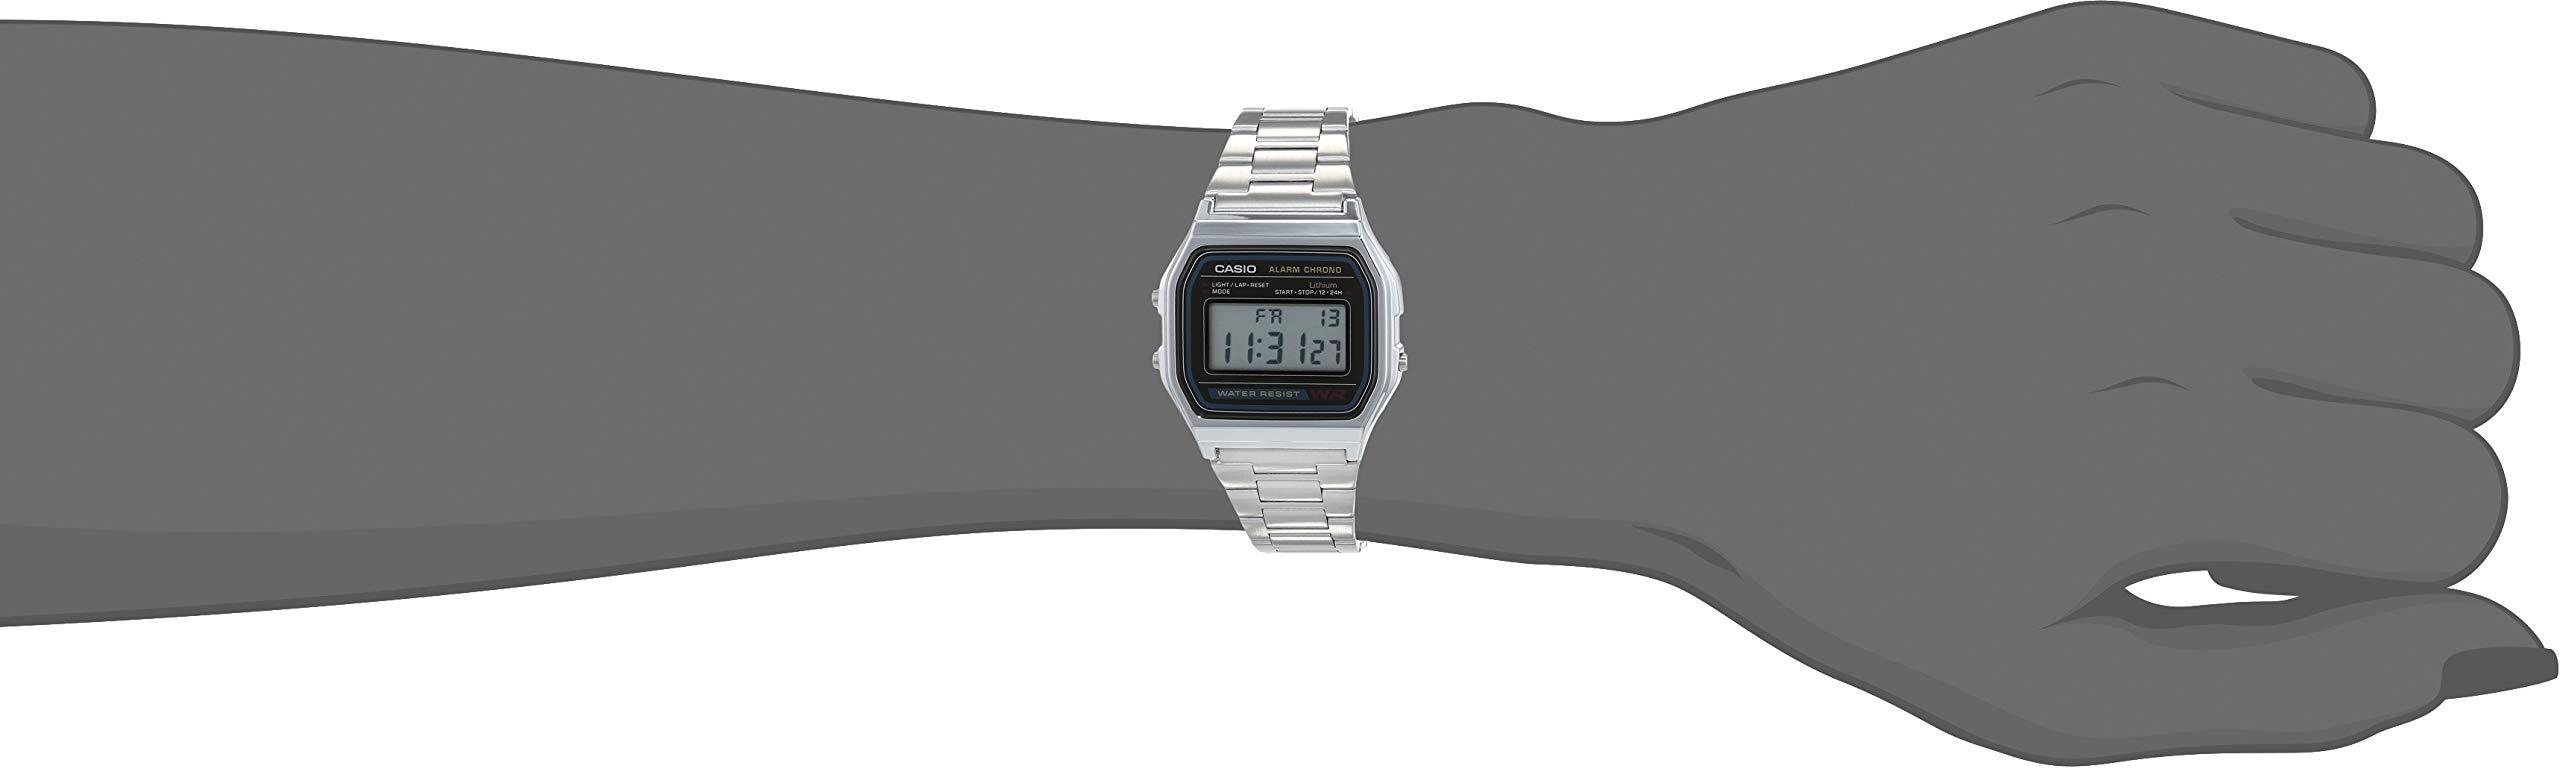 UnisexoCorrea Plateado Acero Casio Color Inoxidable A158wa Reloj De KTc1JFl